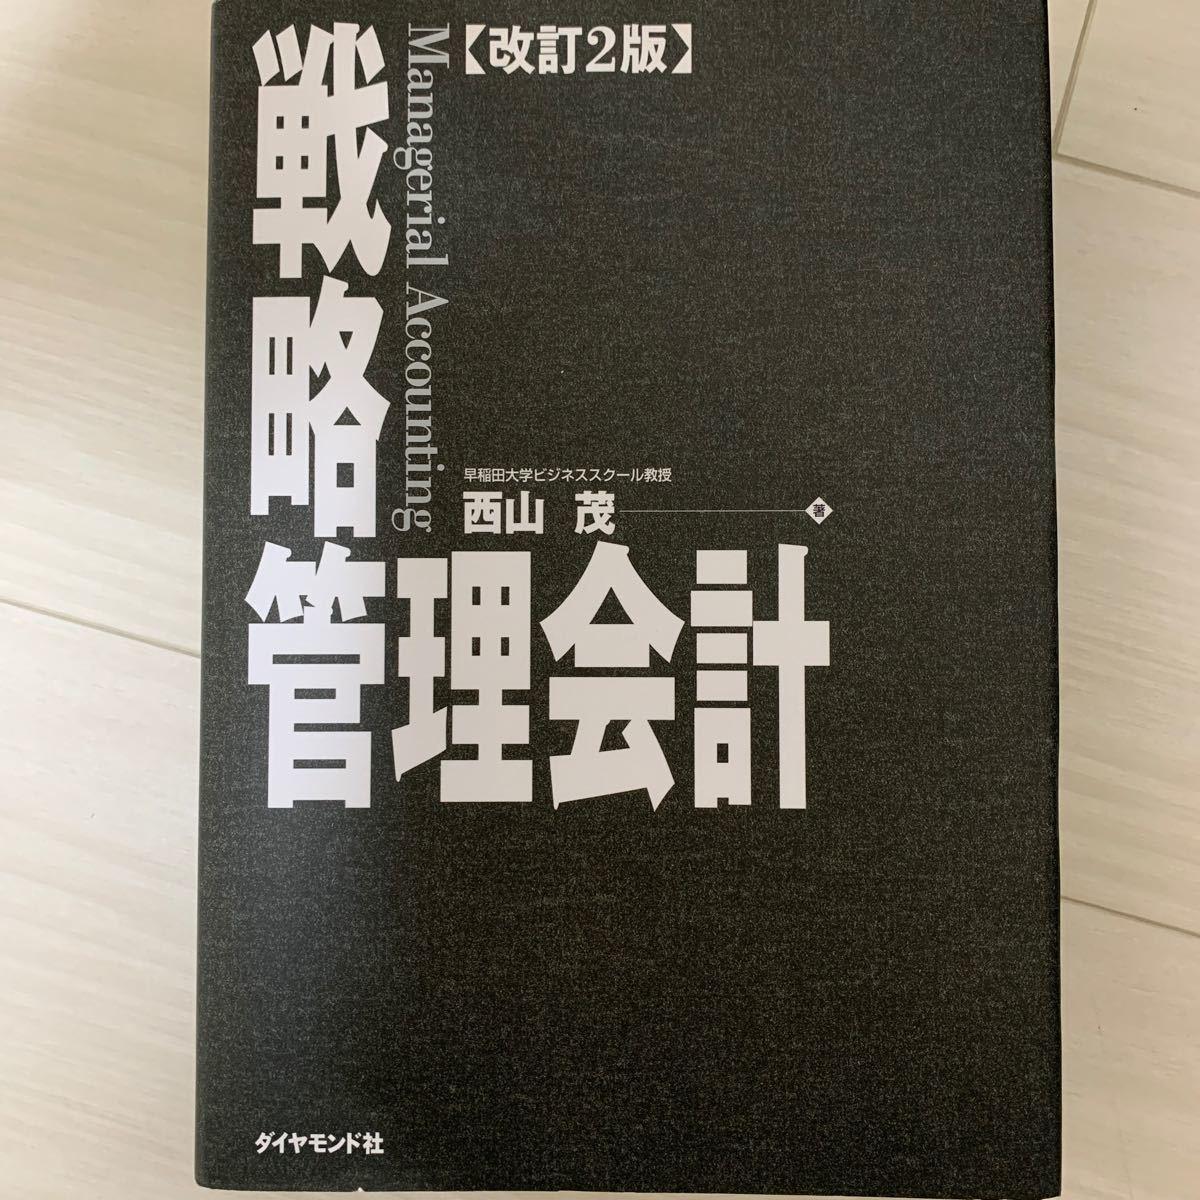 戦略管理会計/西山茂